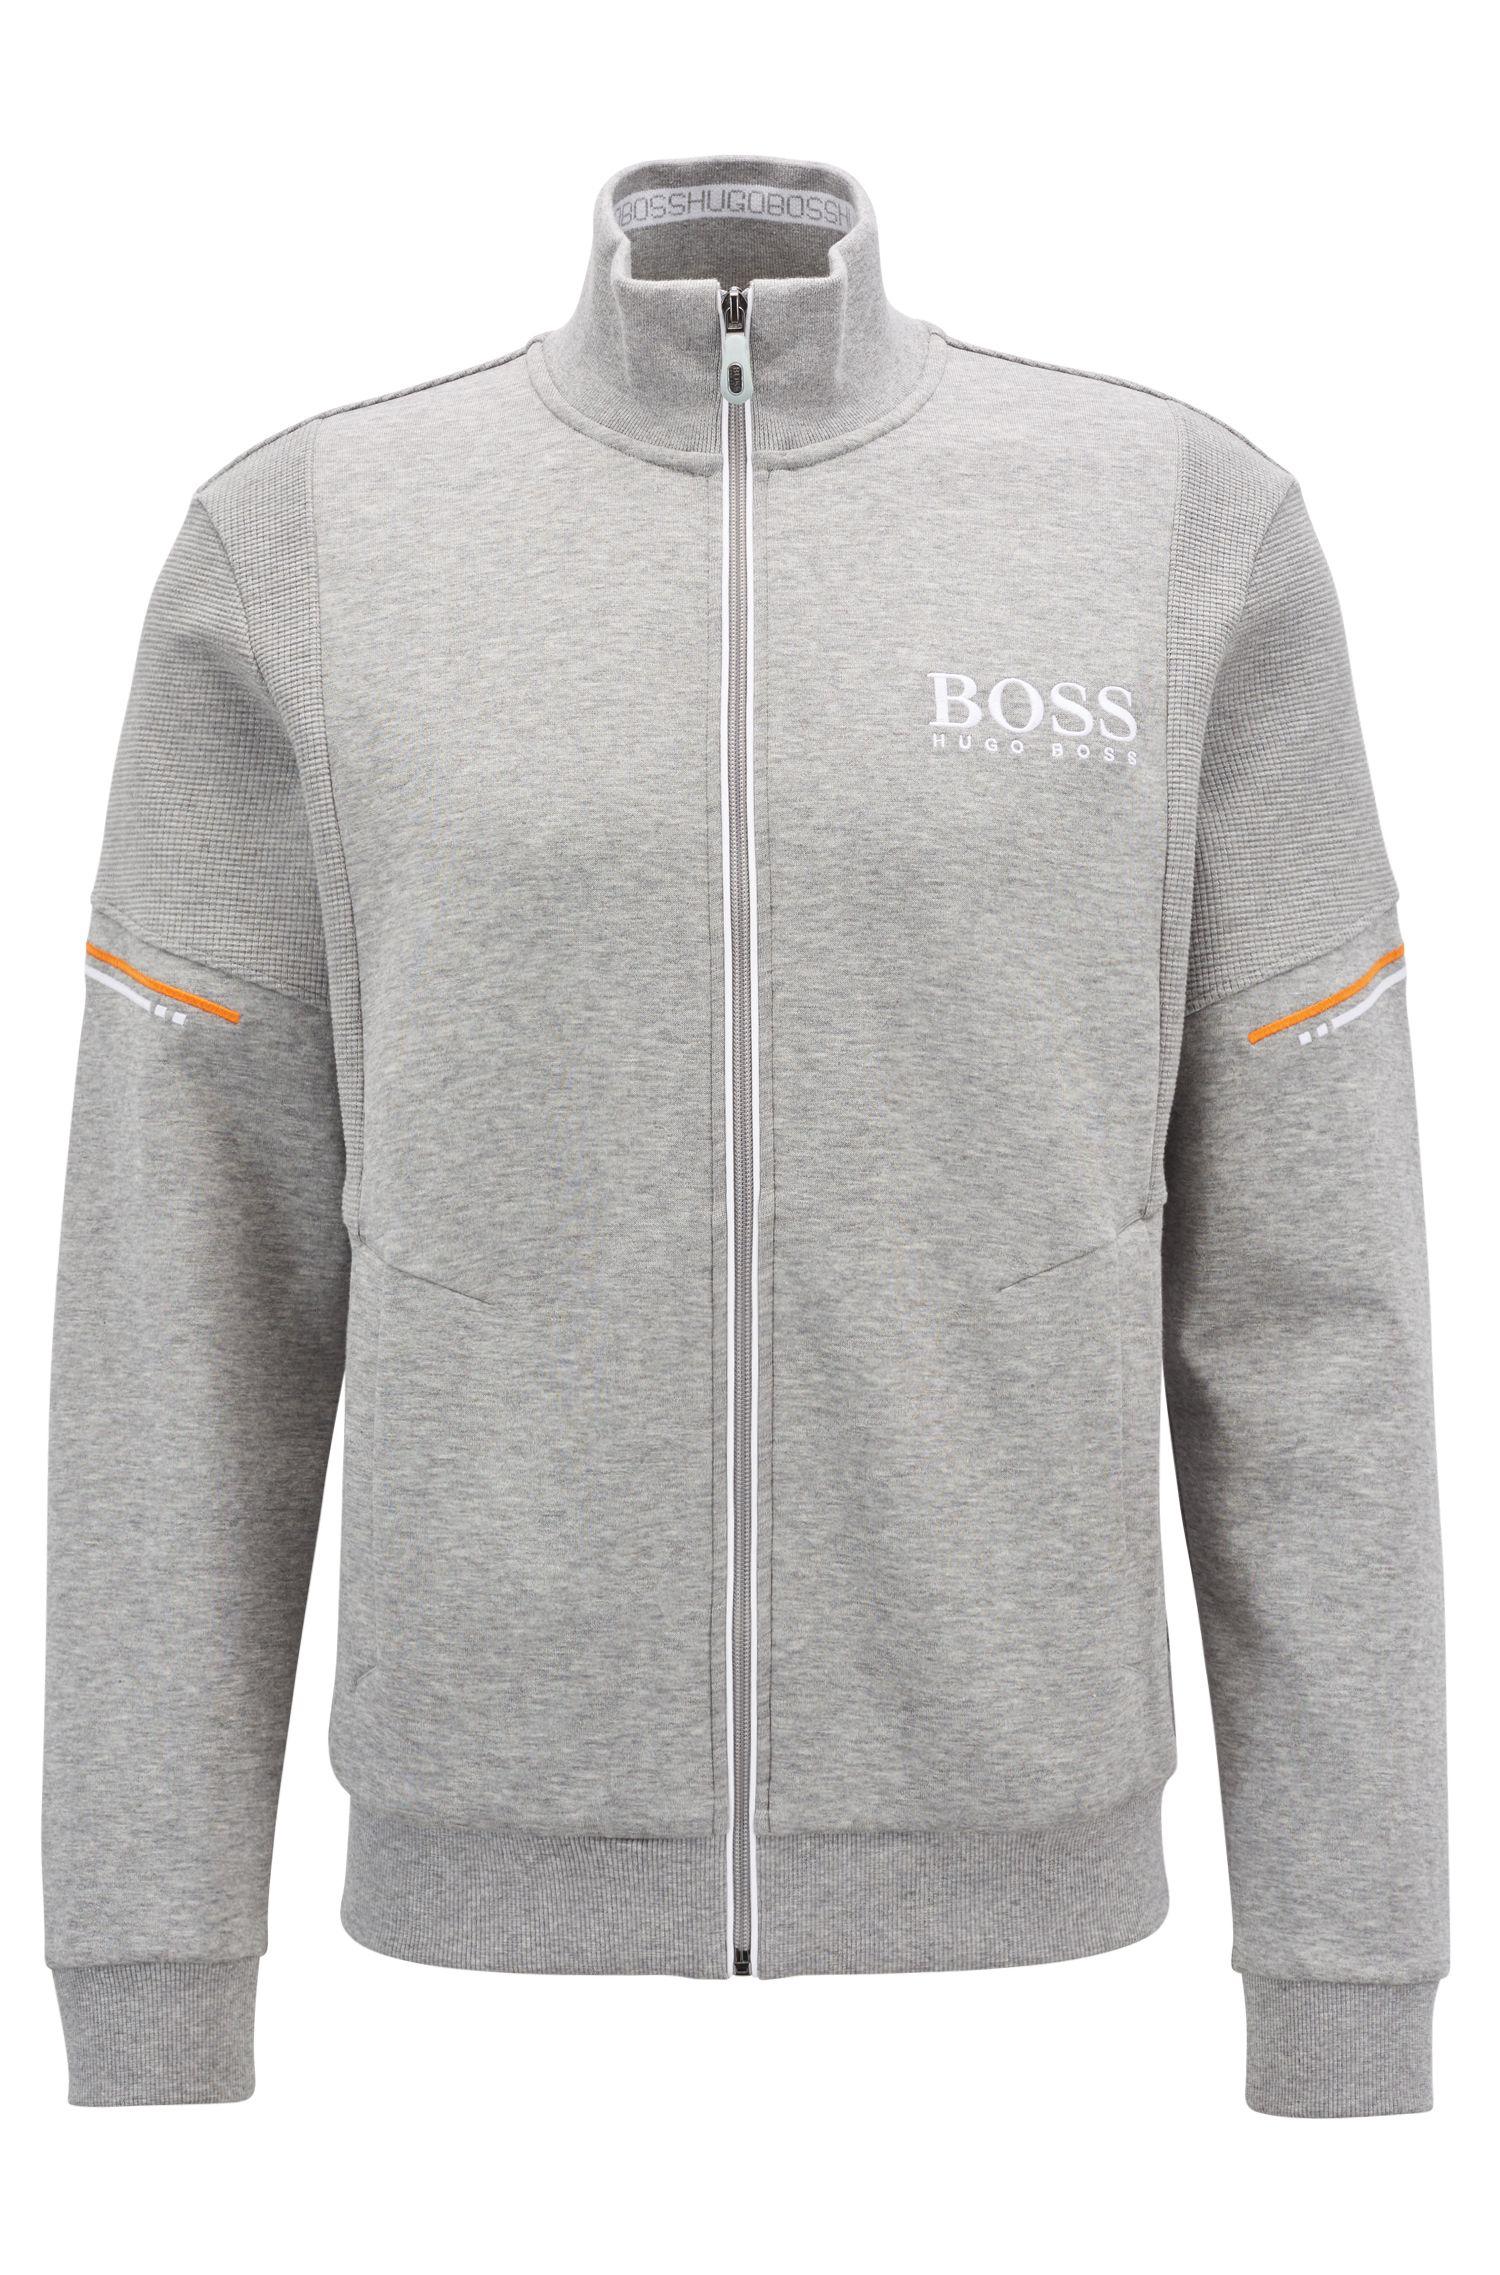 Sweatshirt mit Reißverschluss und tonalen, strukturierten Einsätzen